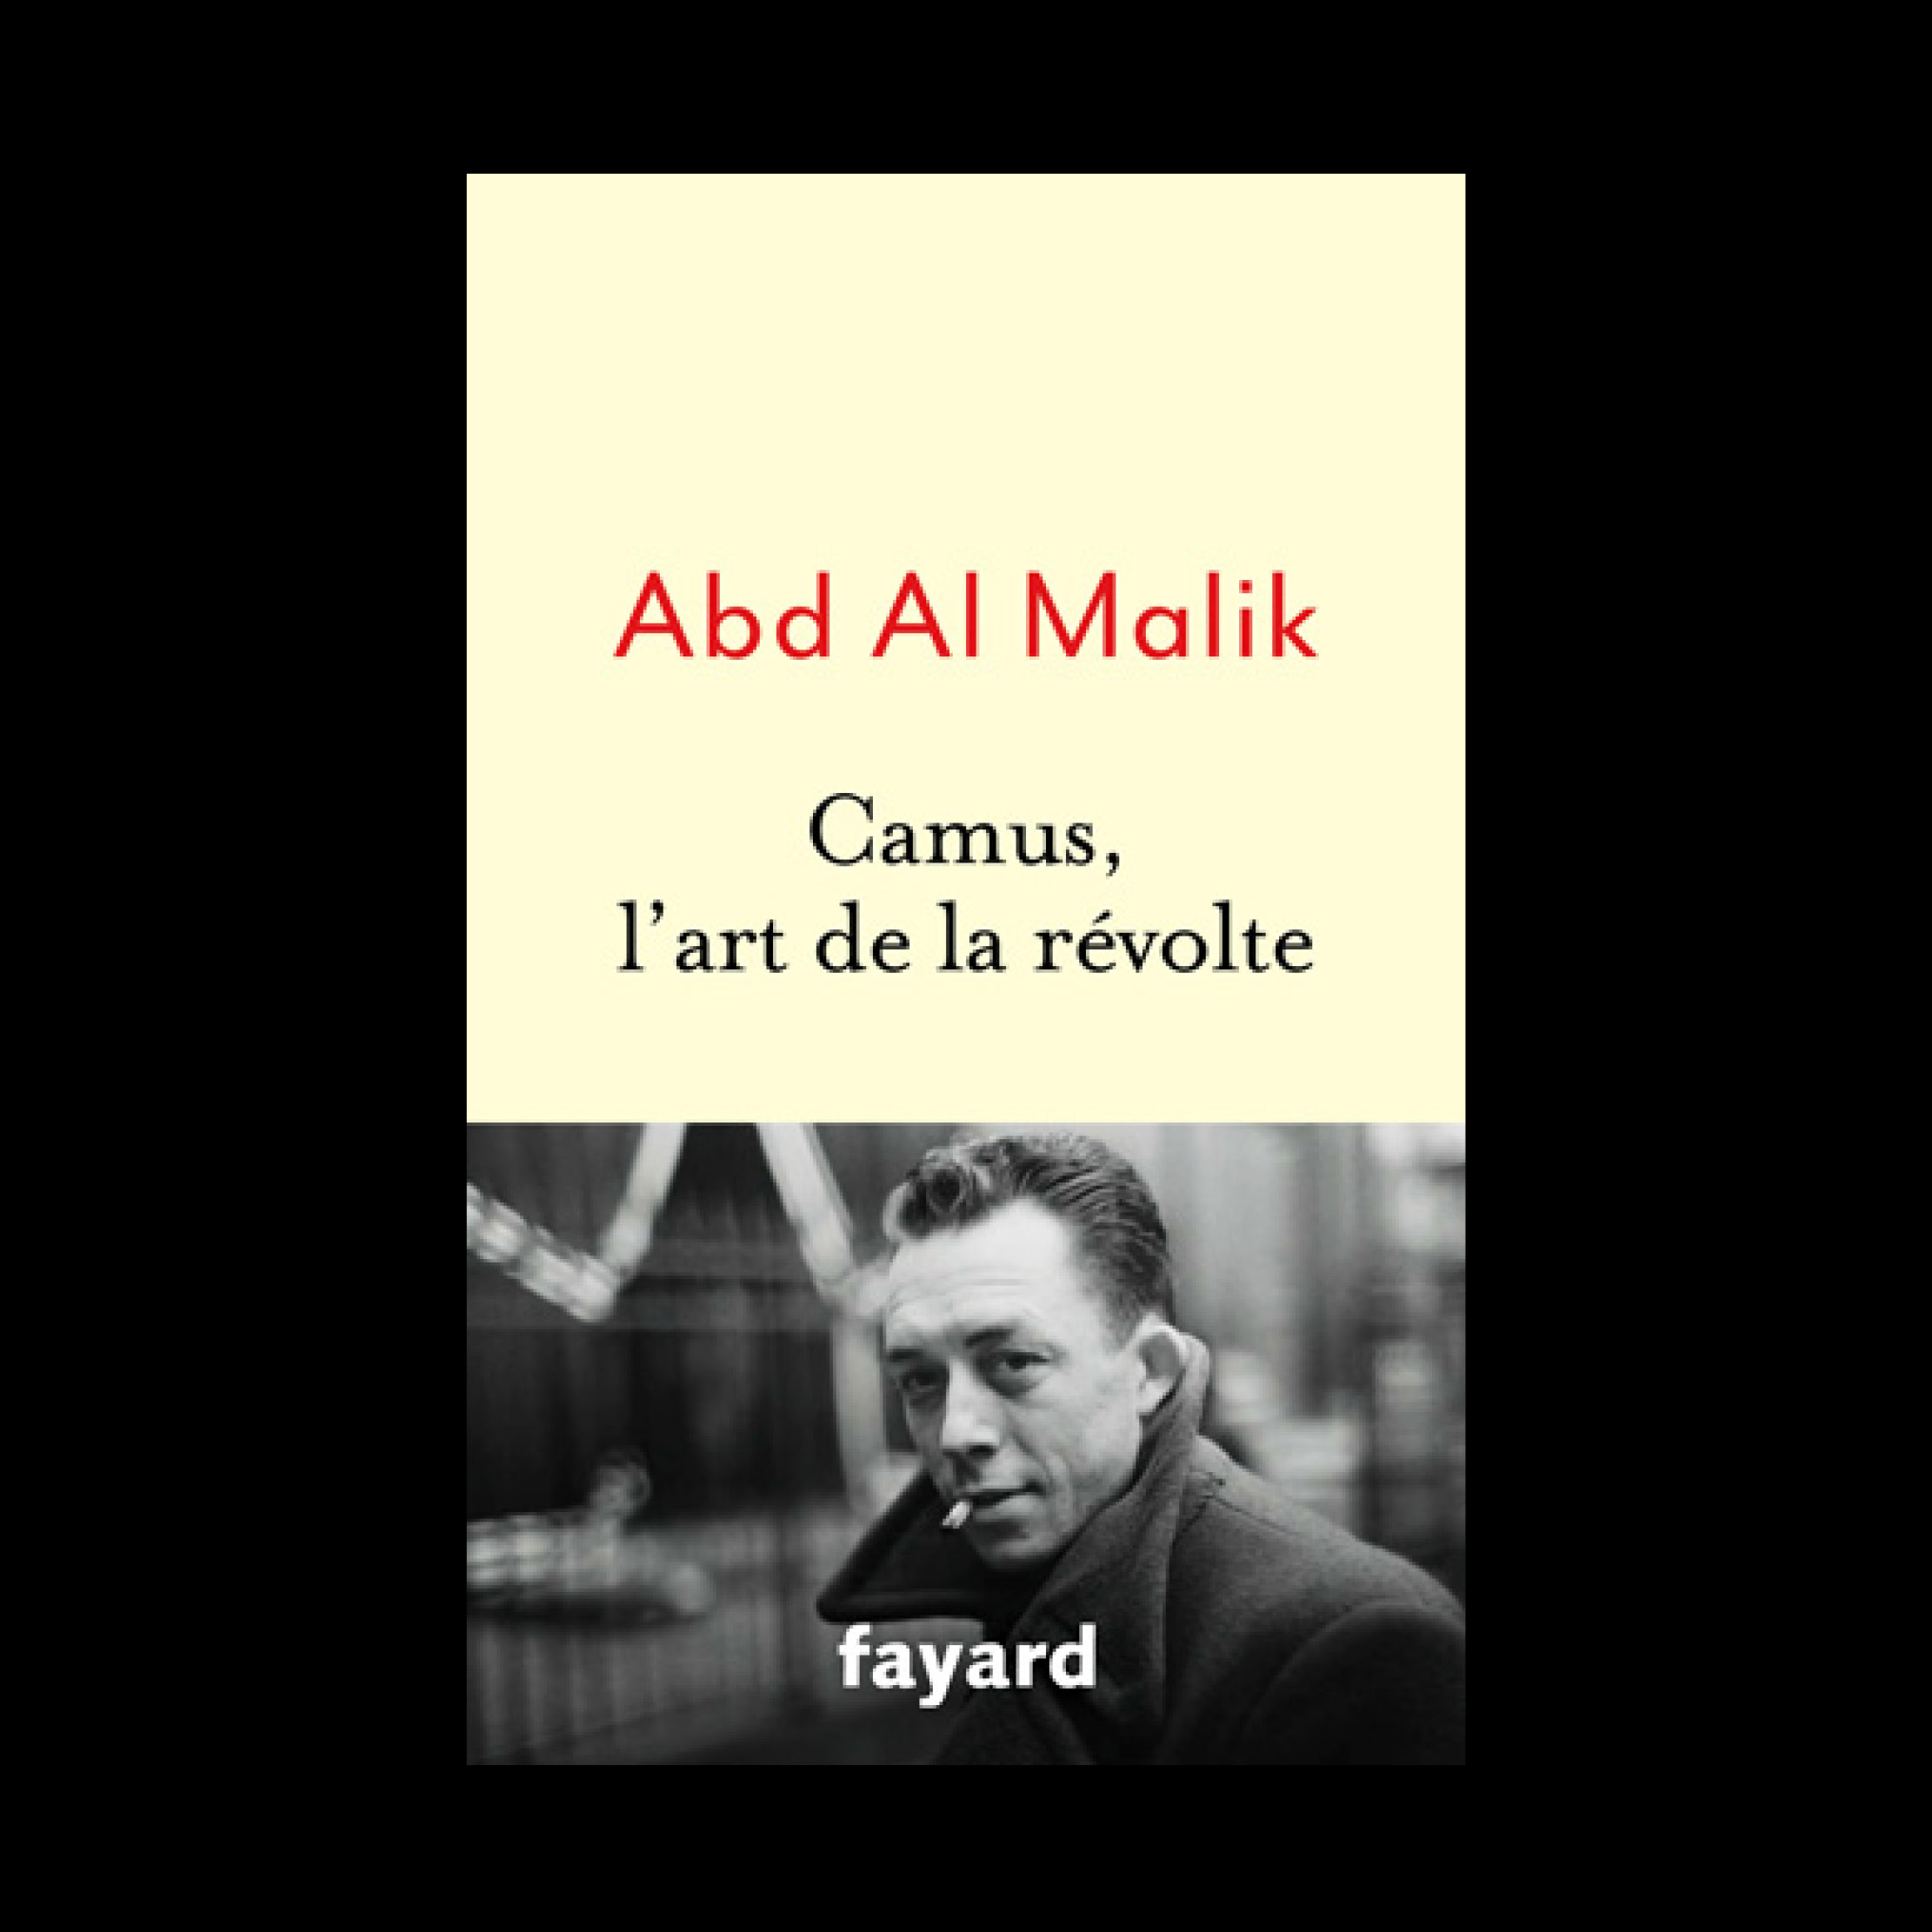 Alb Al Malik rencontre Camus - L'Art de la Révolte